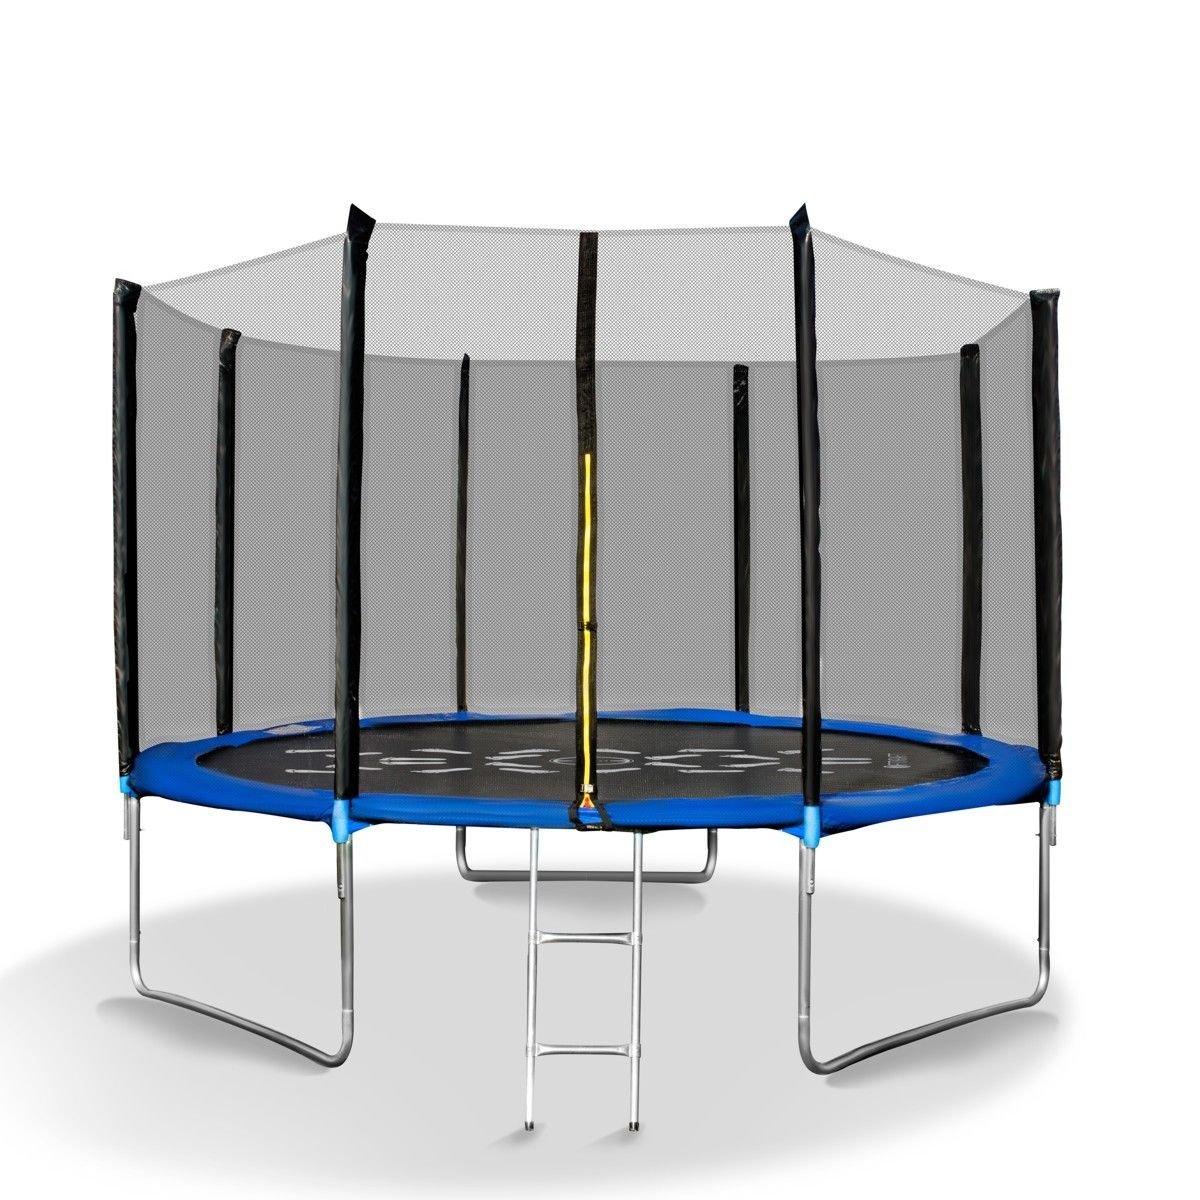 Trampolin Gartentrampolin 305 cm mit Netz und Leiter Schwarz-Blau online bestellen